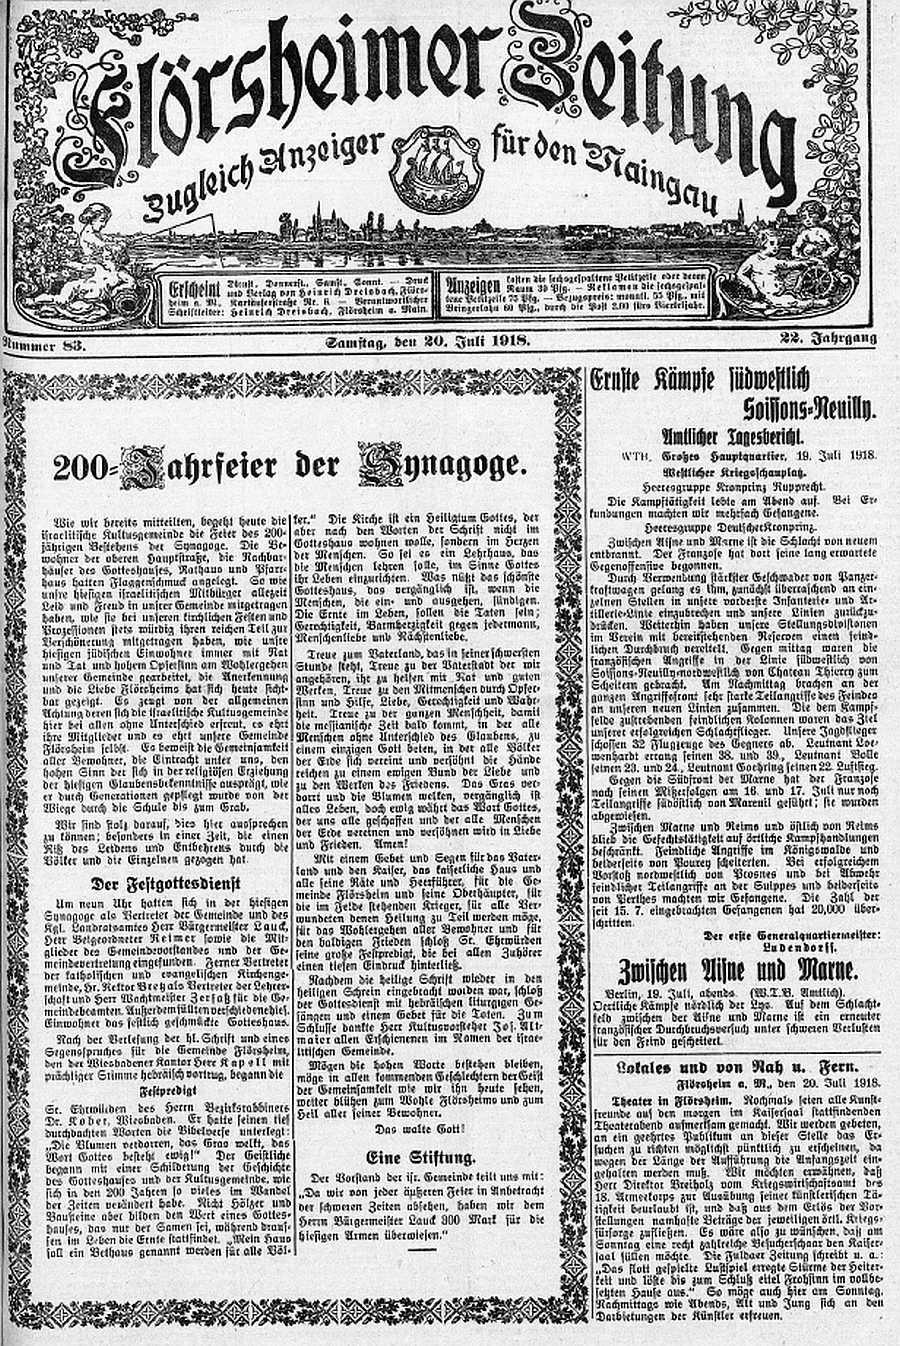 http://www.alemannia-judaica.de/images/Images%20375/Floersheimer%20Zeitung%2020071918.jpg